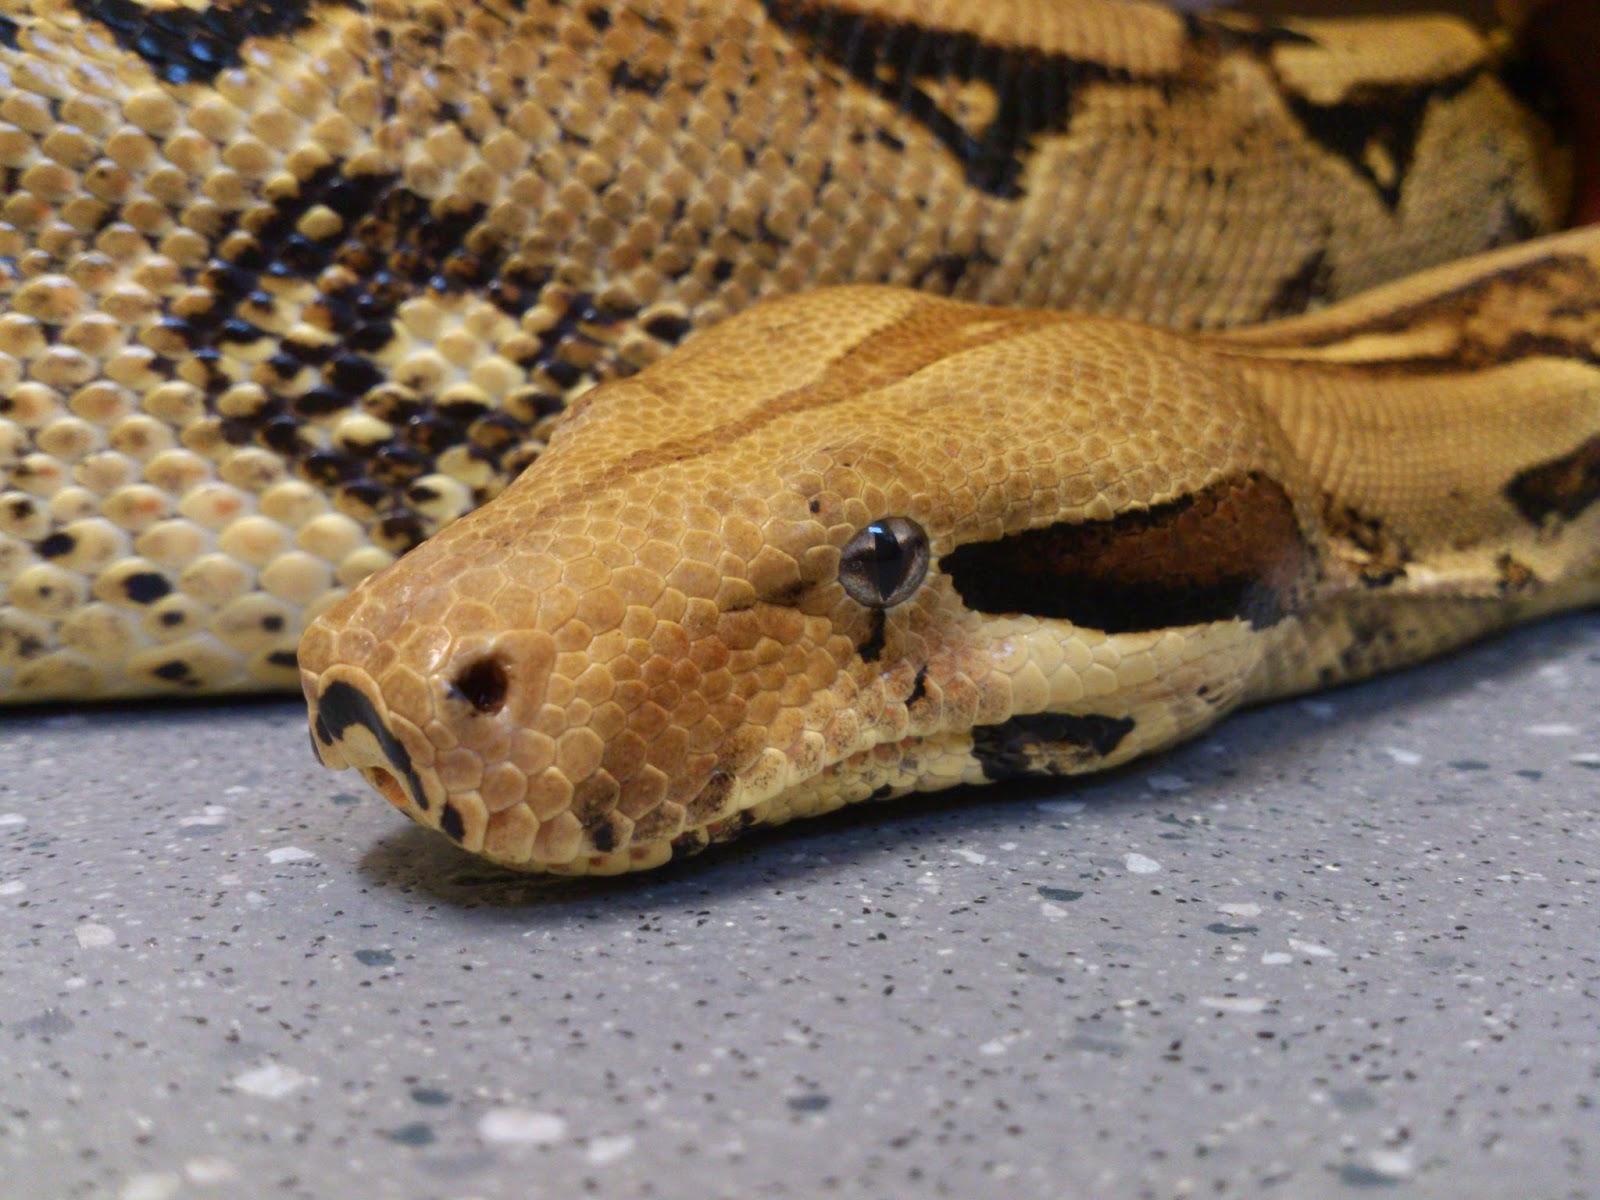 Reptile Blog Snake Senses Thermal Imaging